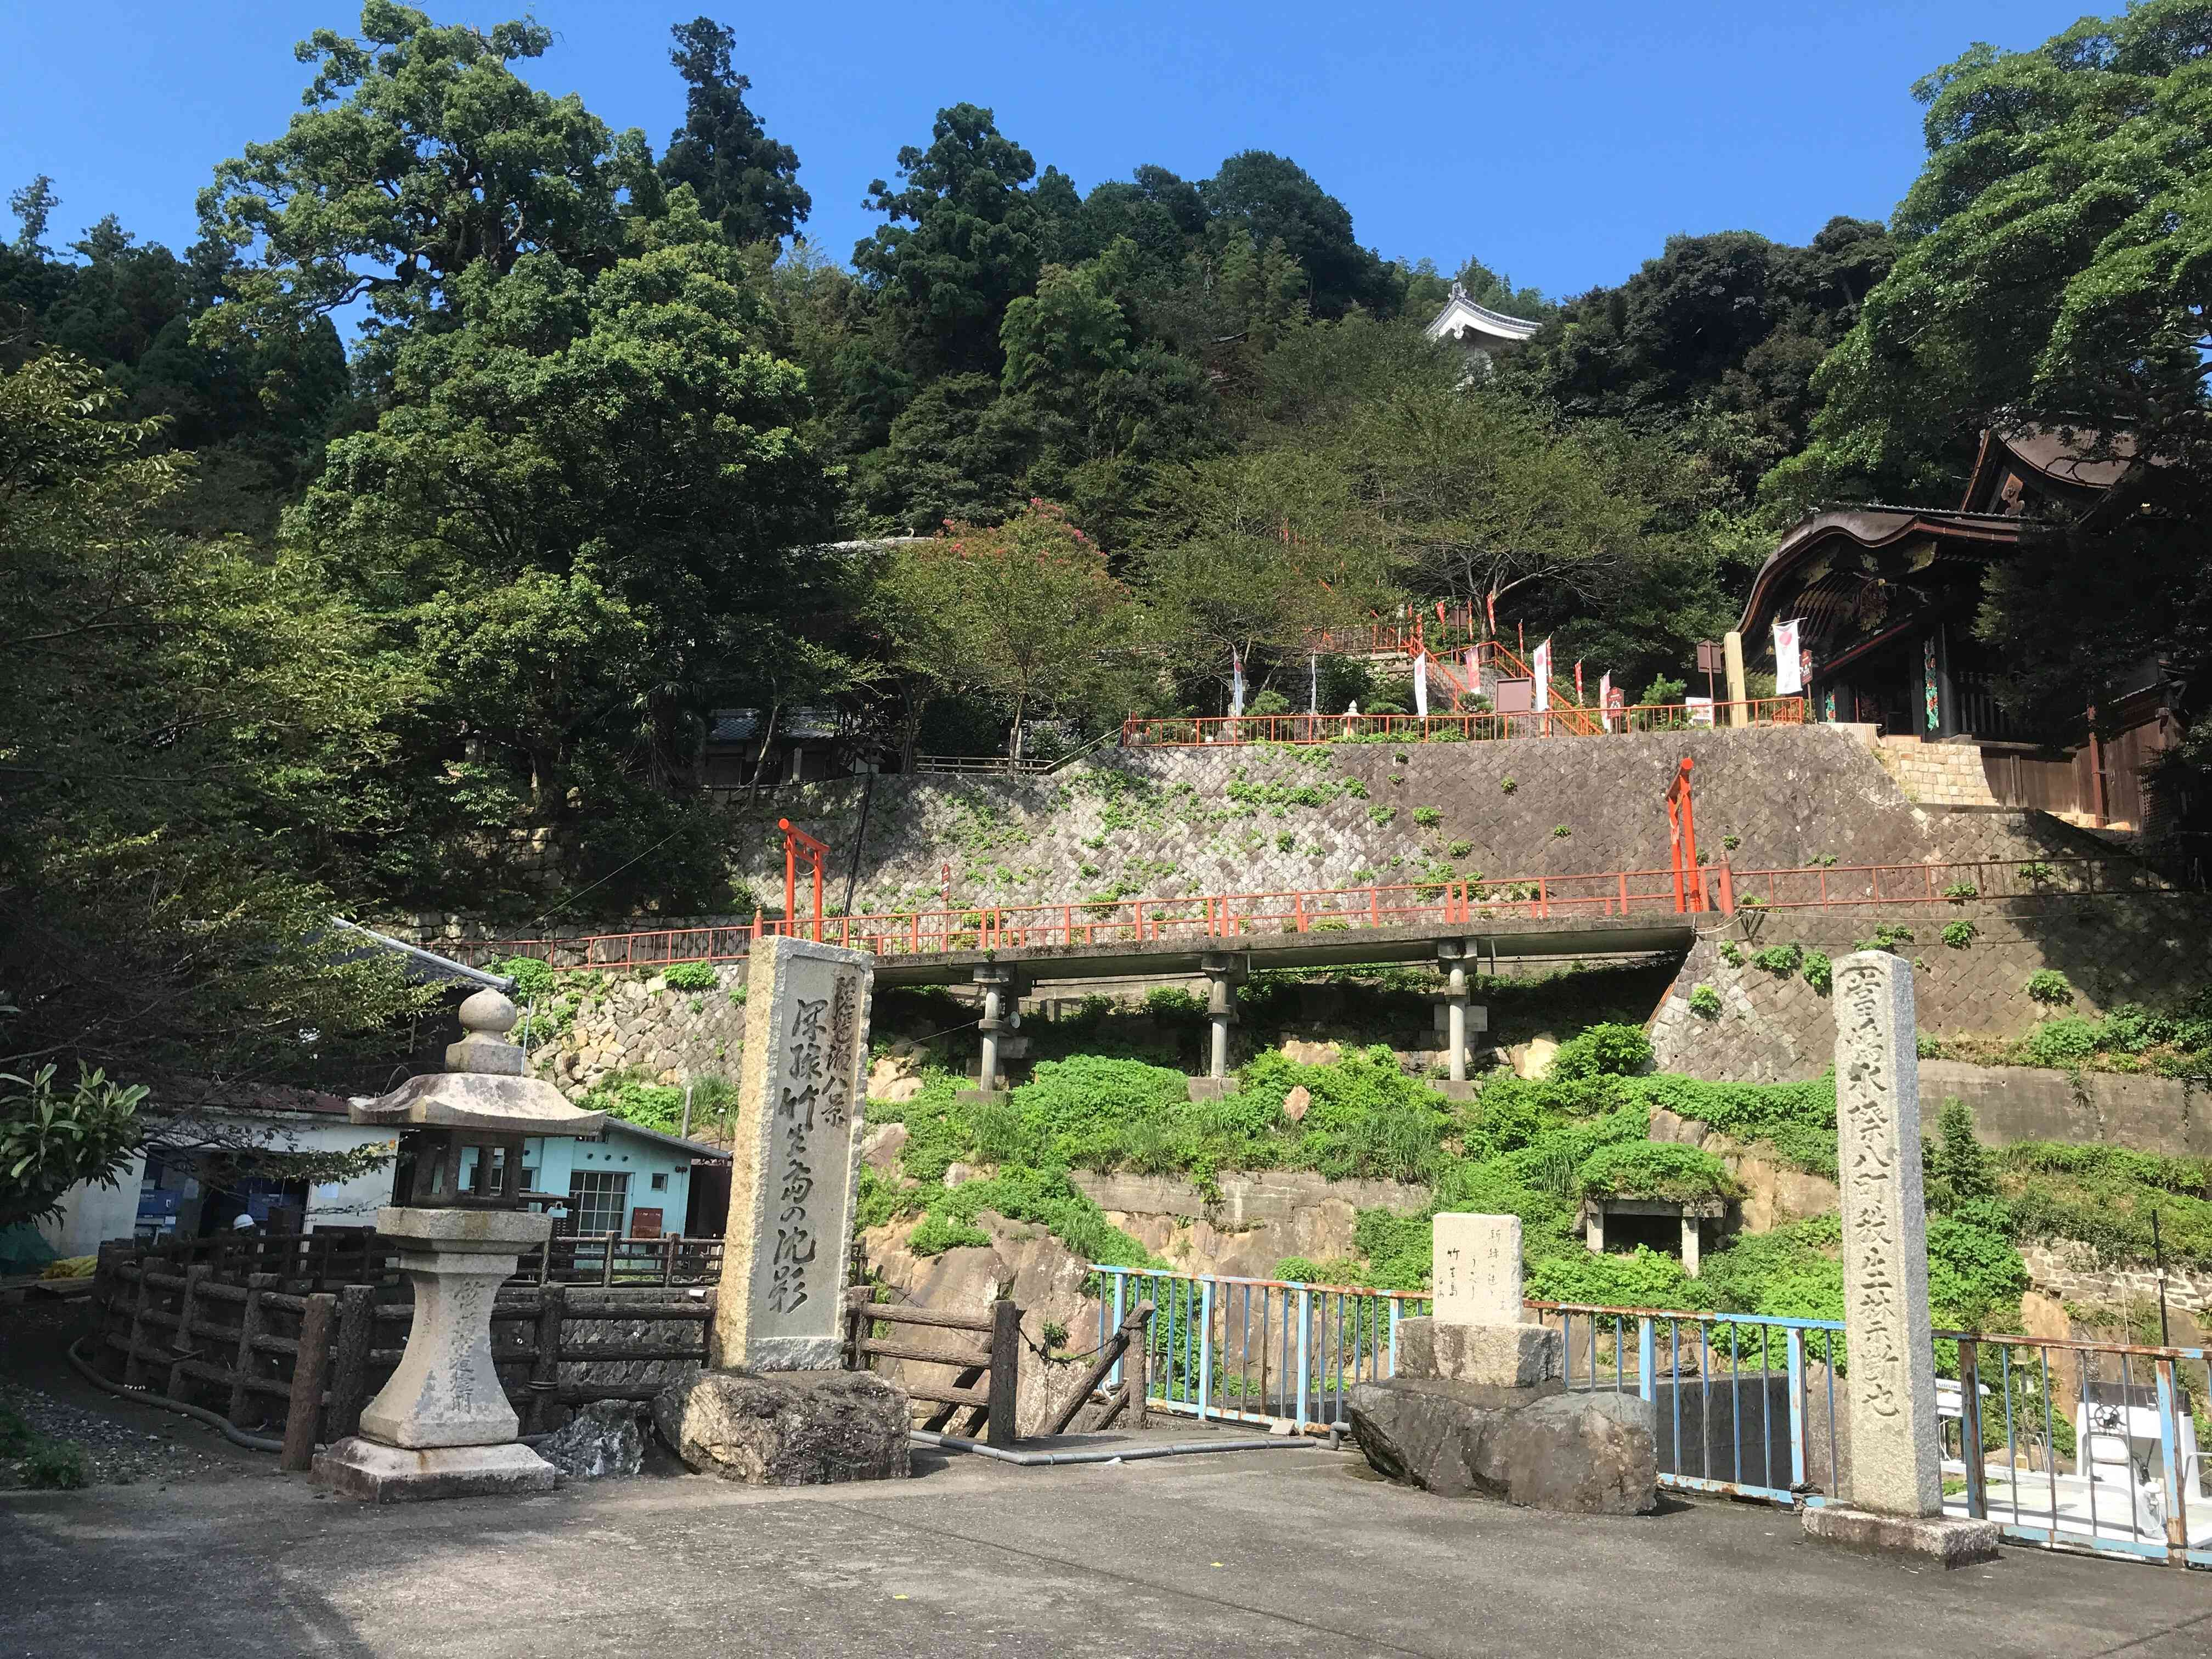 竹生島港から竹生島の建物